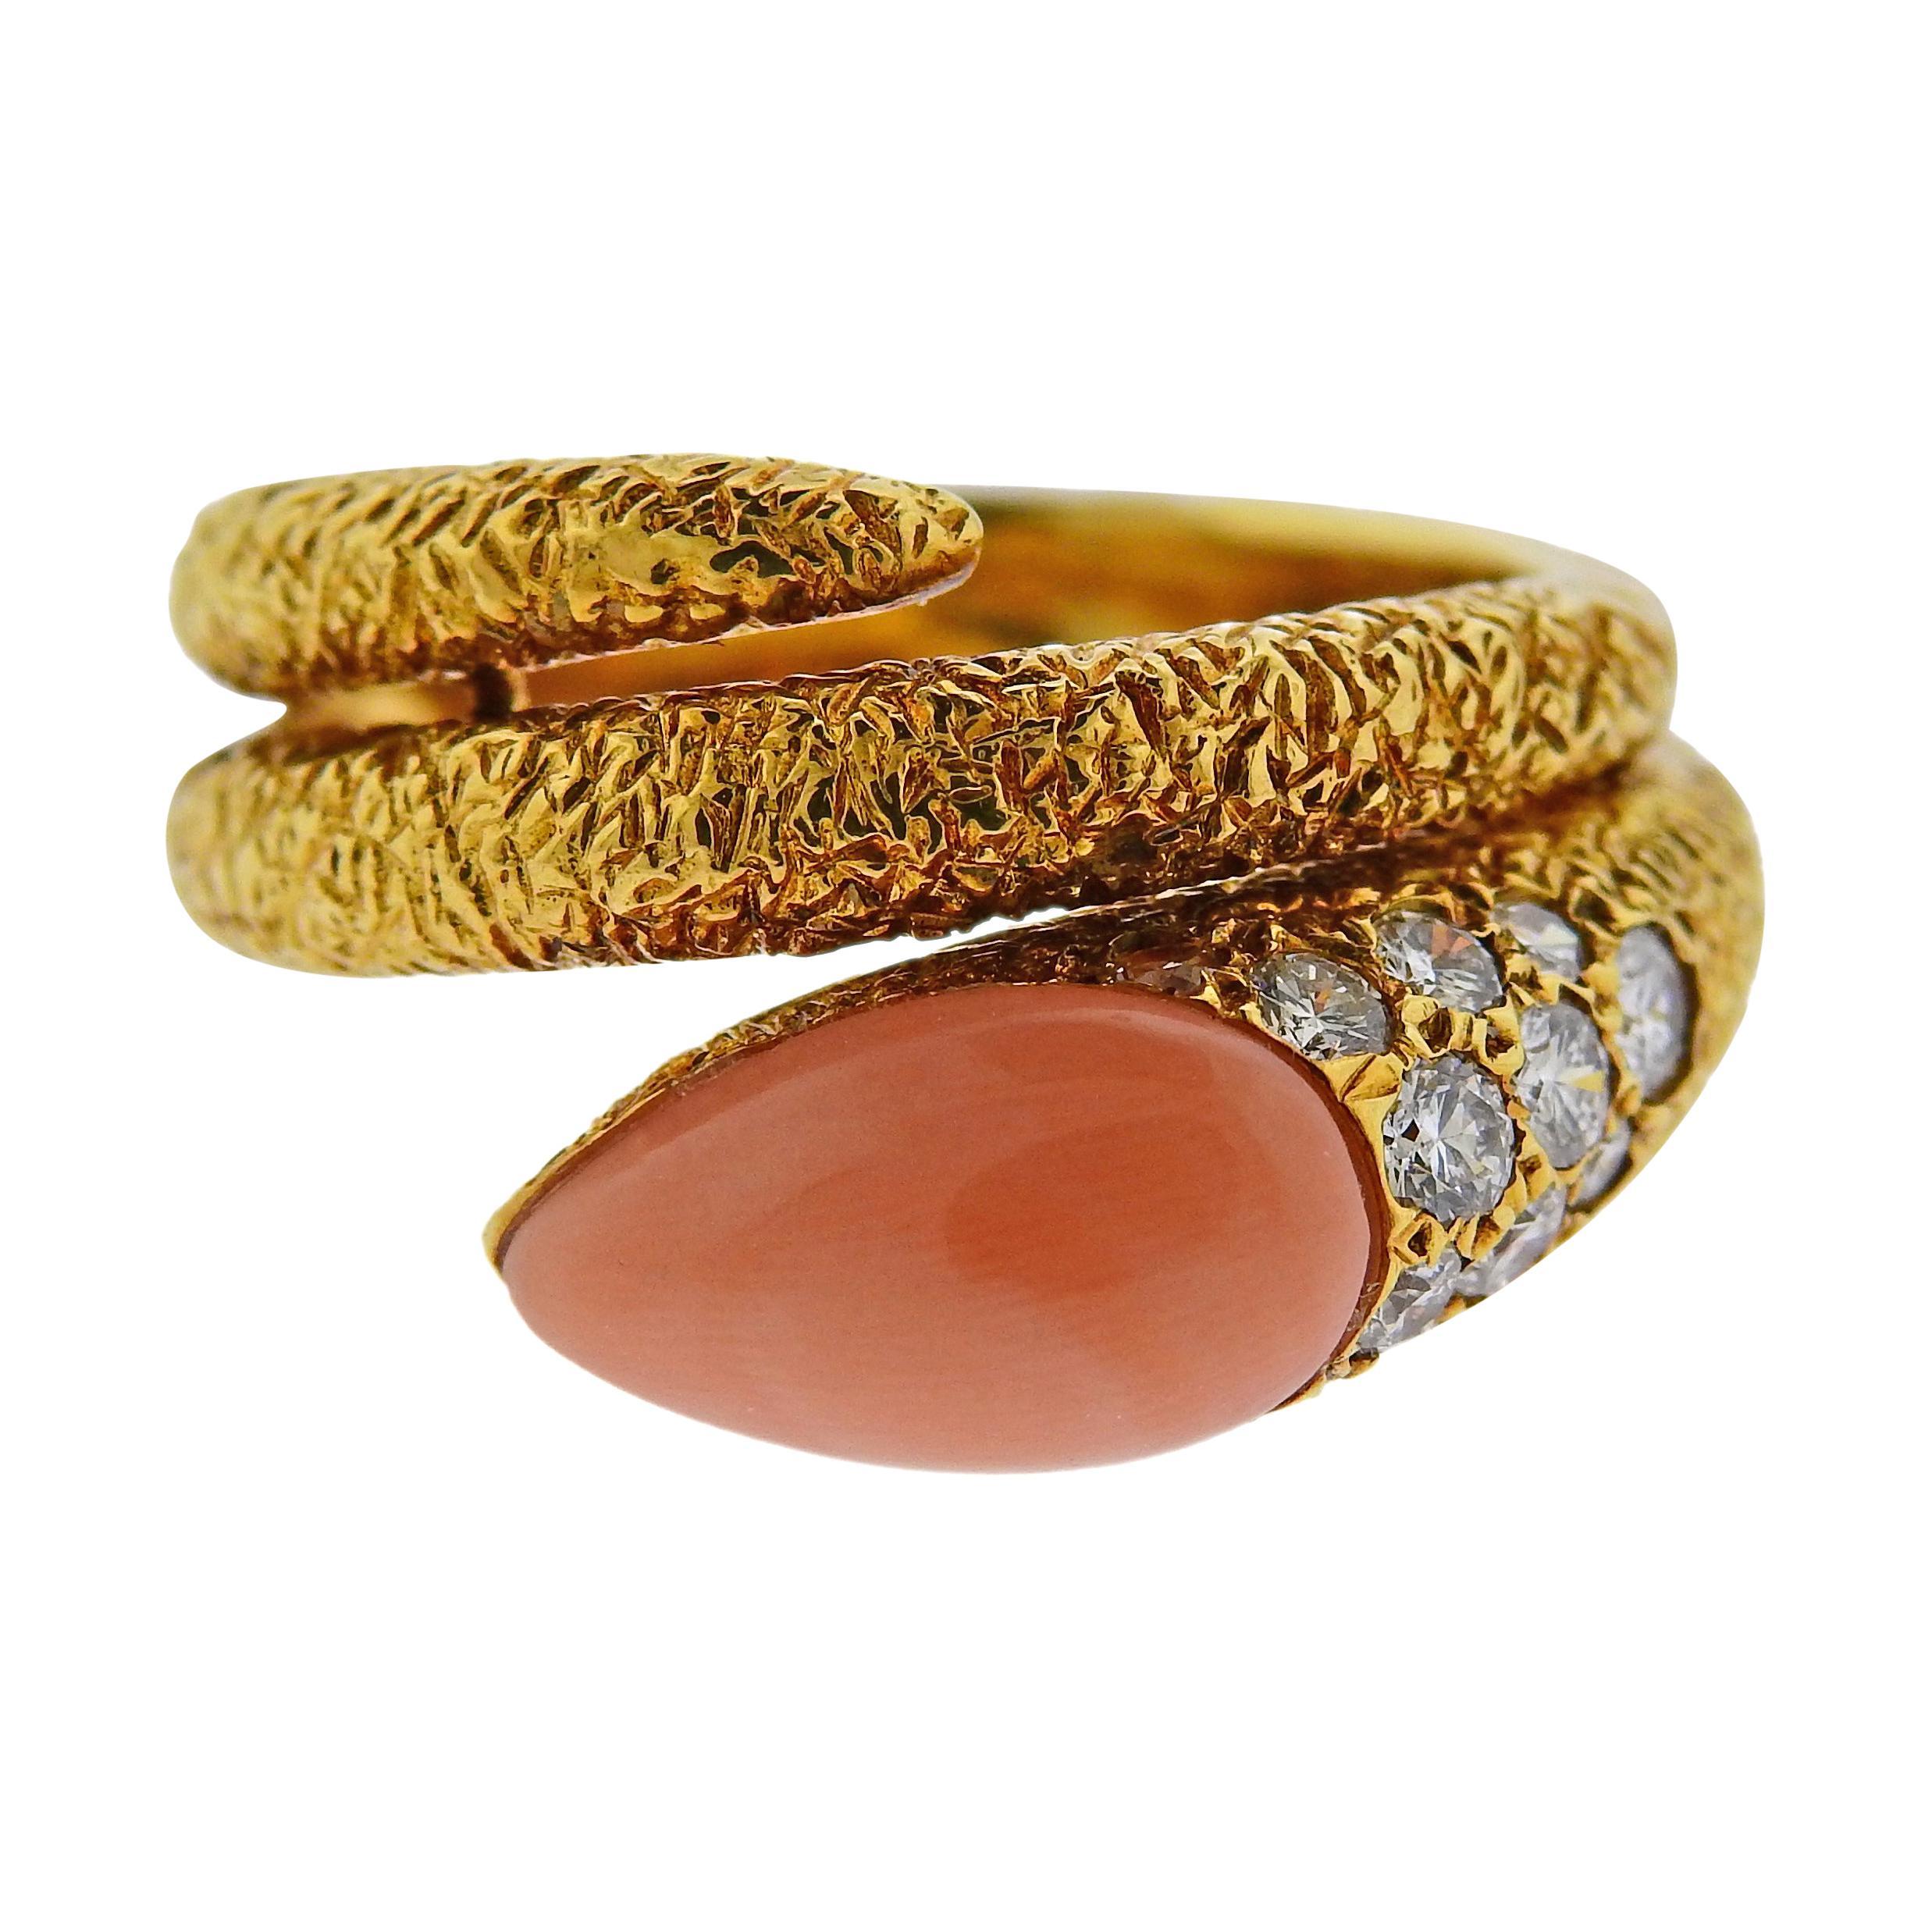 1970s Van Cleef & Arpels Coral Diamond Gold Ring